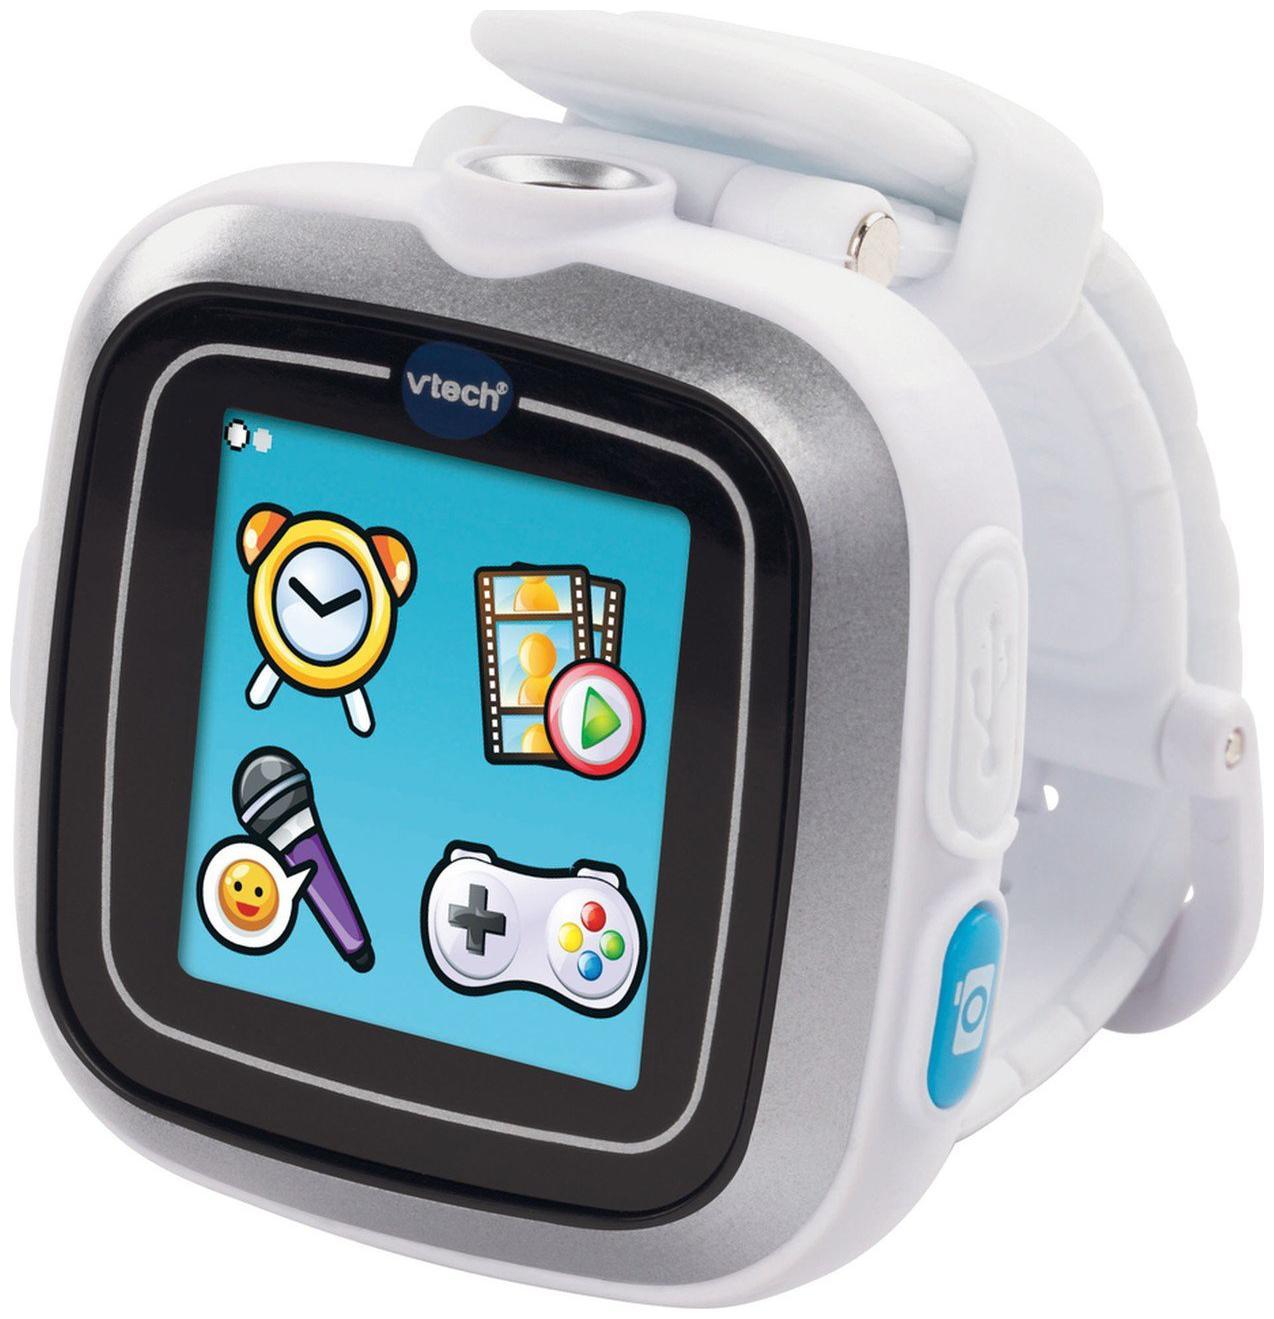 Vtech Kidizoom Smartwatch Plus Ll White, Multi Color